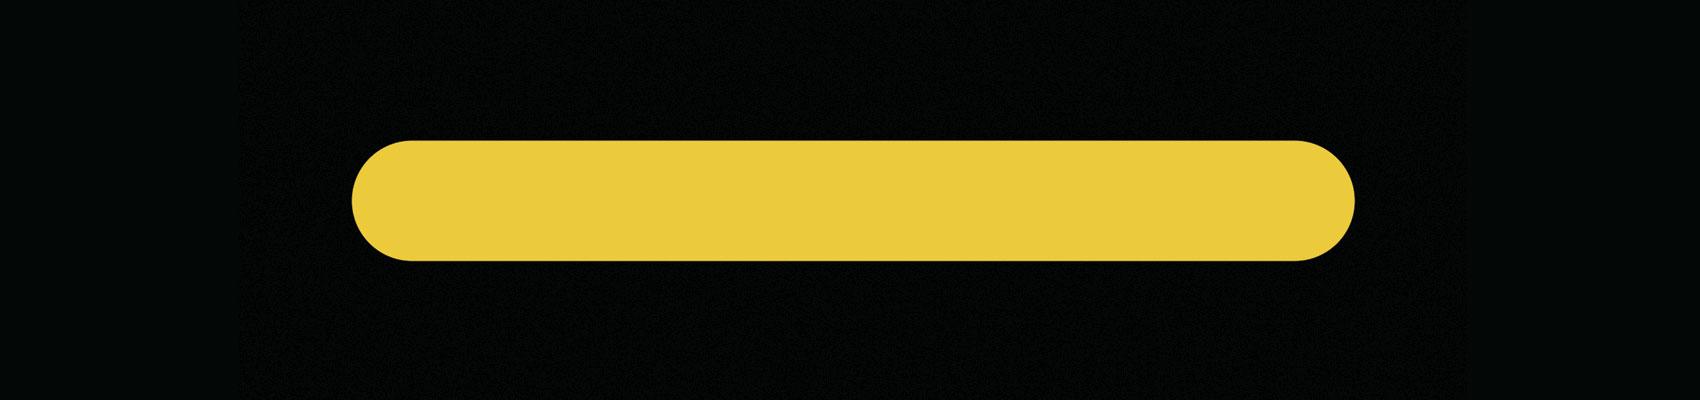 Línea amarilla con los extremos redondeados sobre fondo negro o imagotipo del Museo de Arte Contemporáneo del Camino MACC